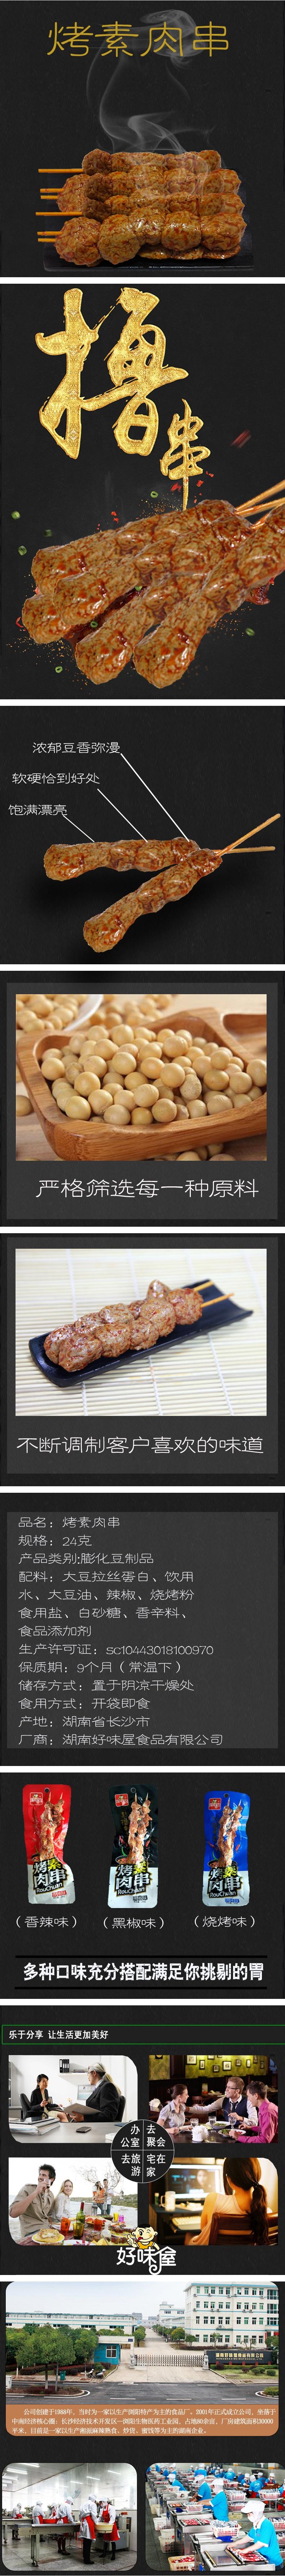 好味屋烤素肉串豆制品零食素食麻辣蛋白豆干零食小吃辣条辣片24g*20包